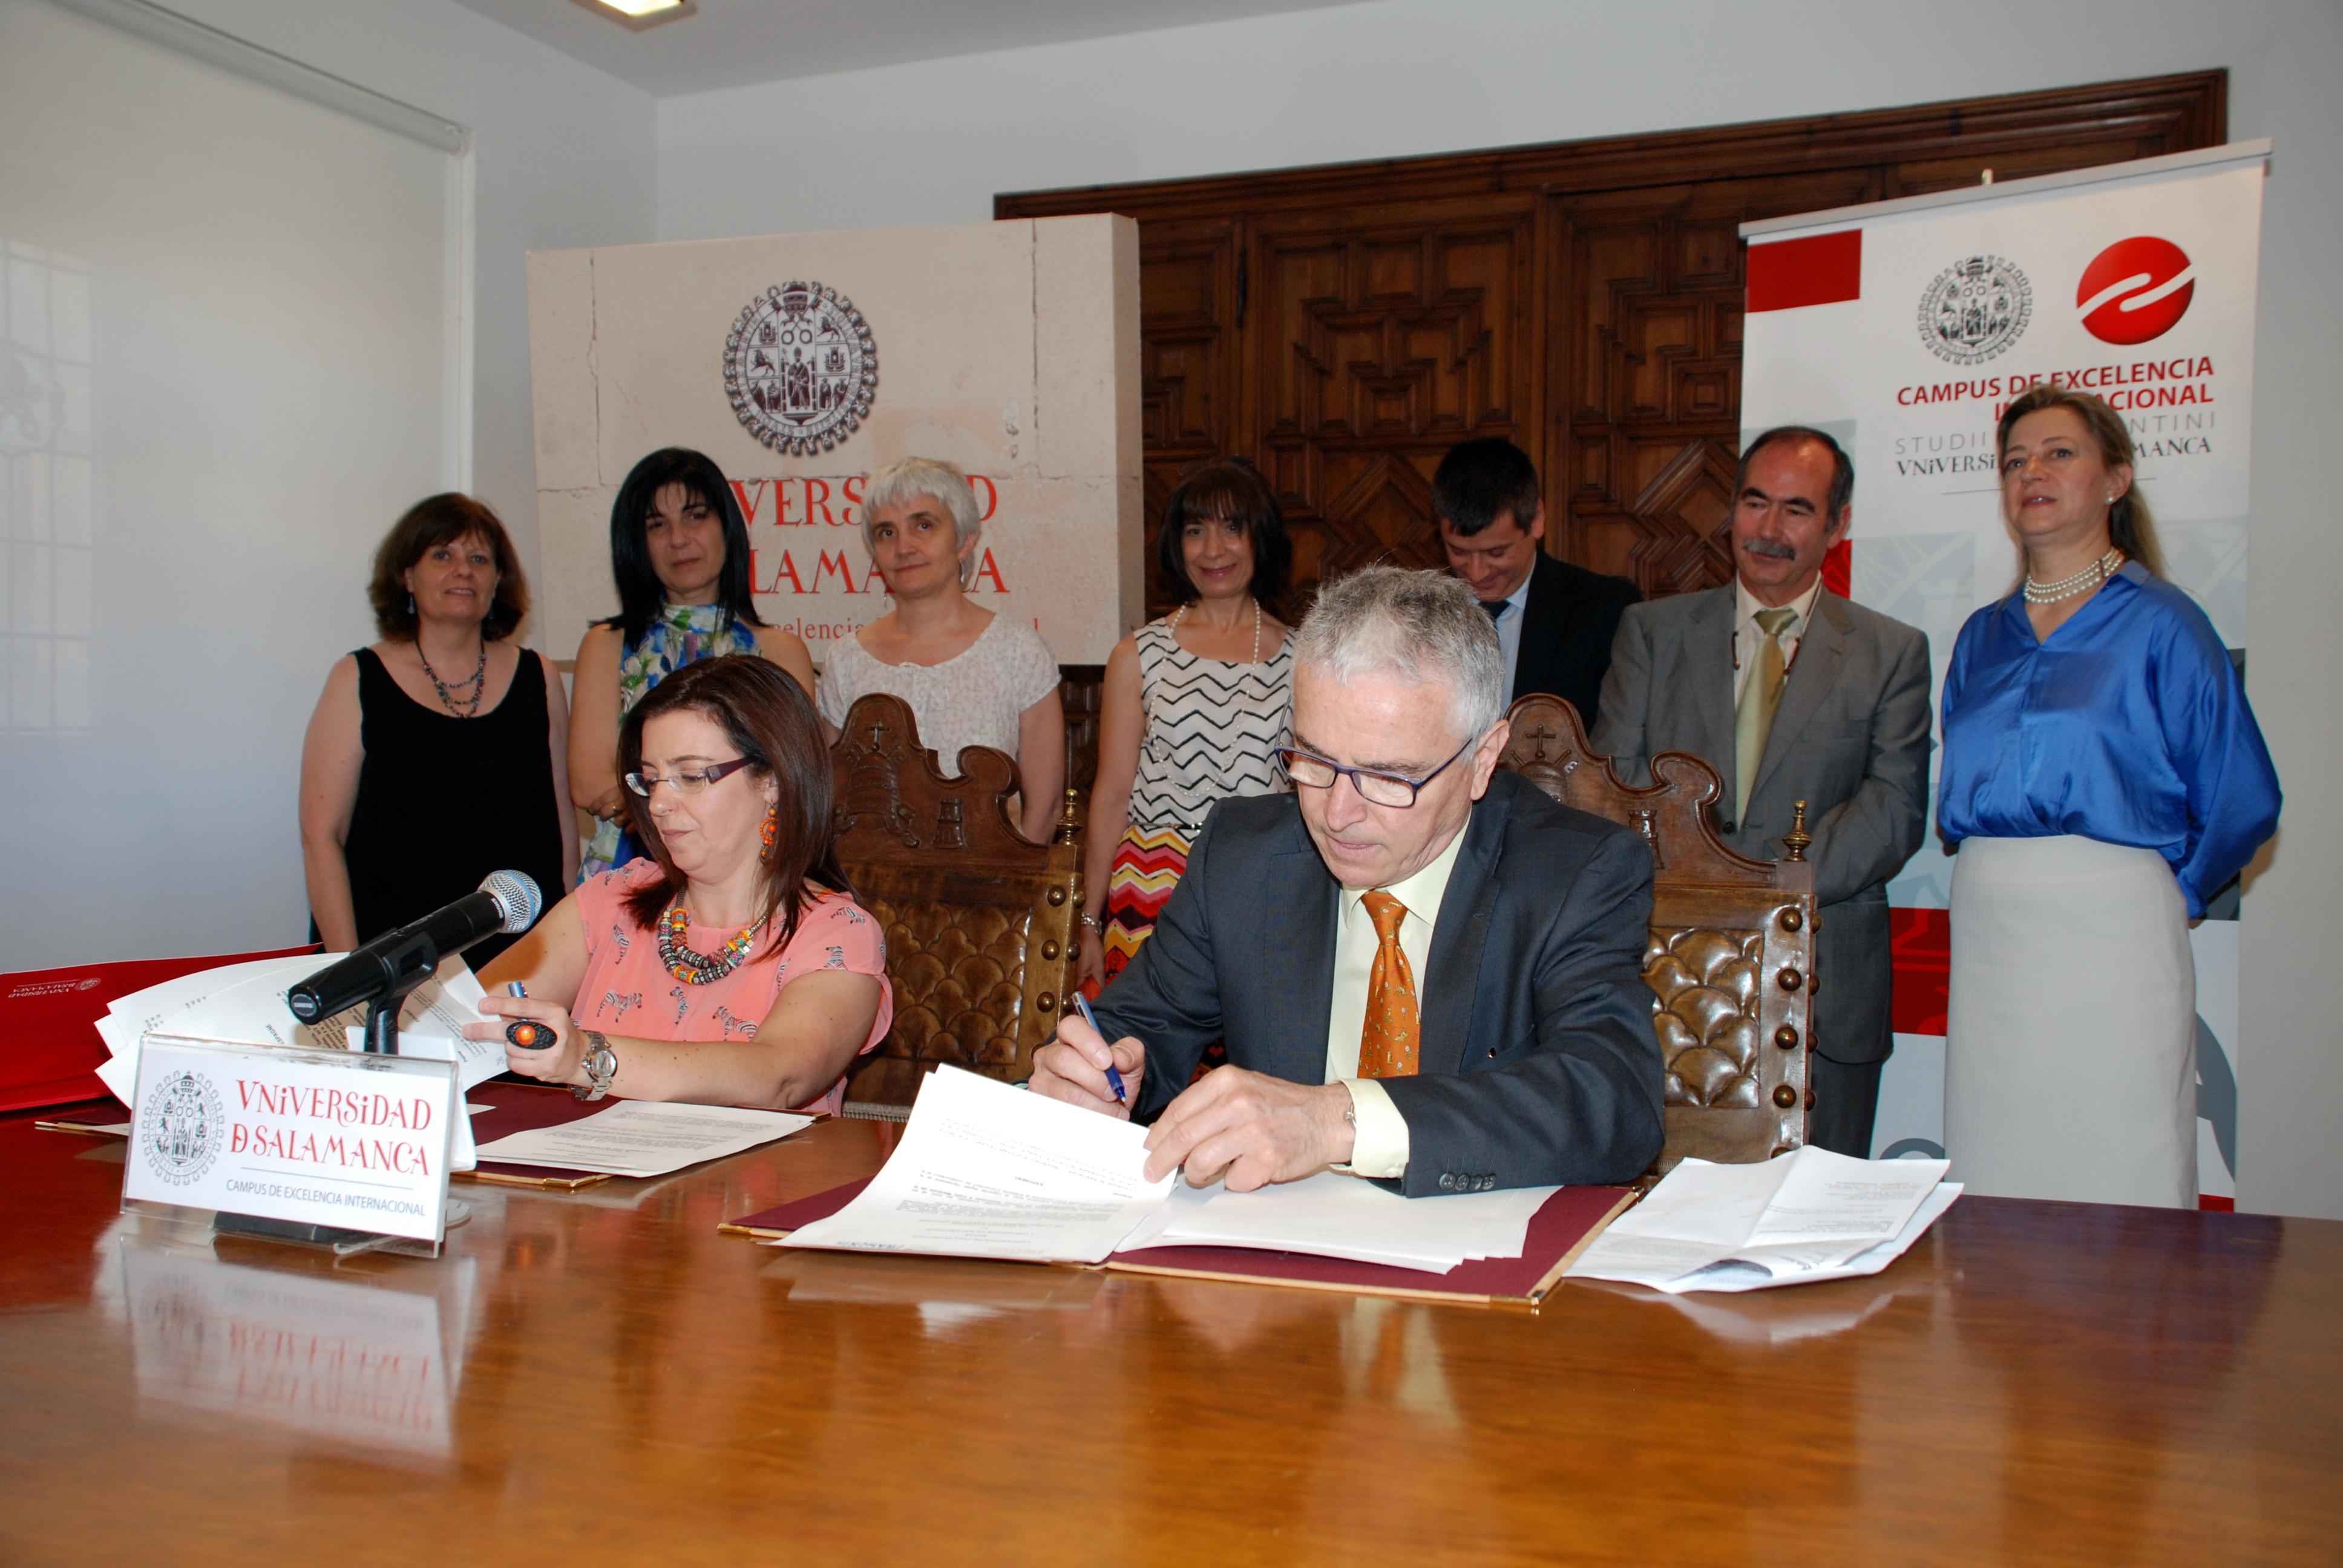 La Universidad de Salamanca y la Embajada de Francia firman un convenio para la gestión de los diplomas oficiales DELF/DALF de lengua francesa